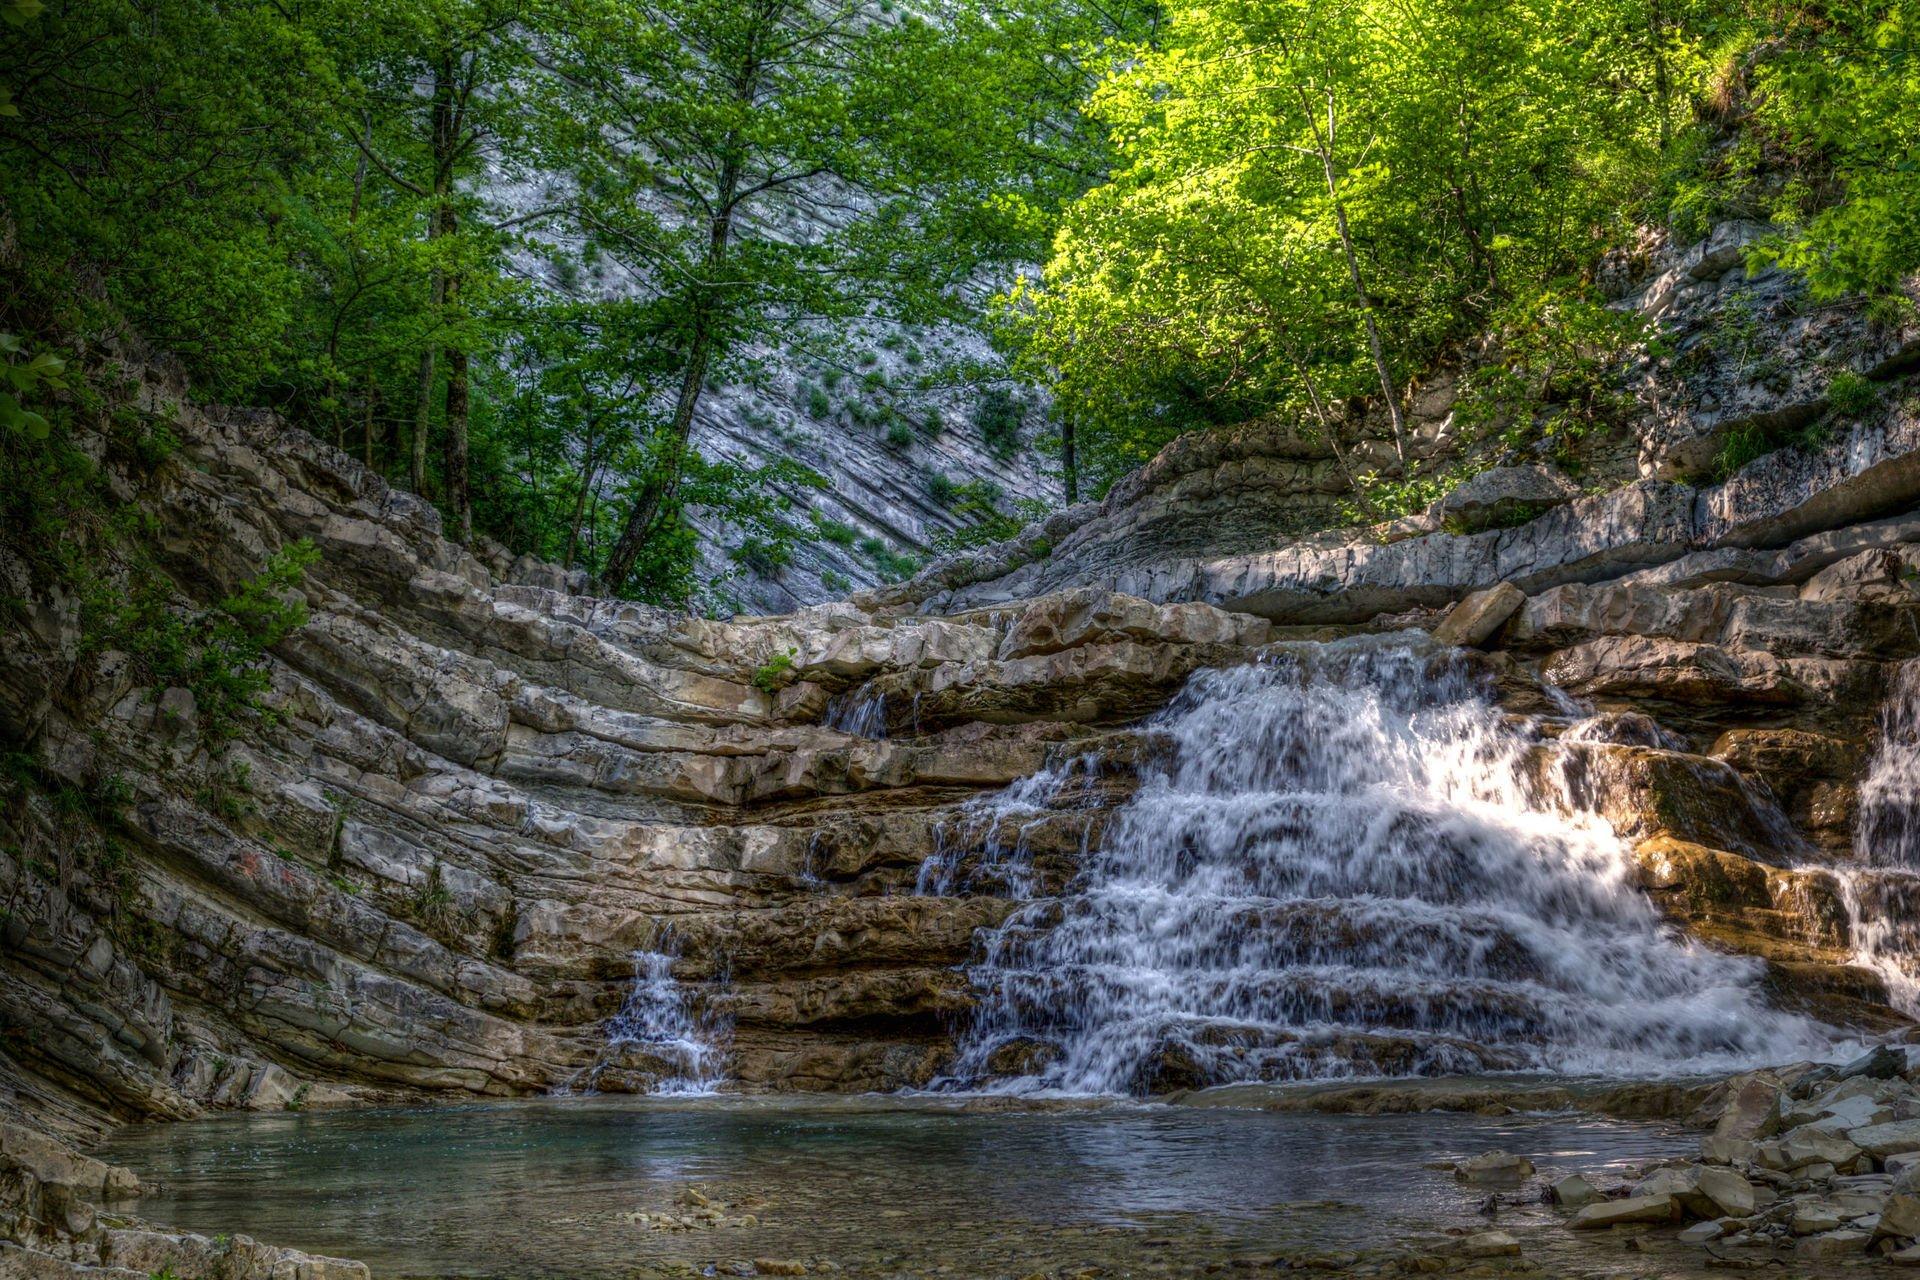 водопады геленджика фото и описание пугали меня что